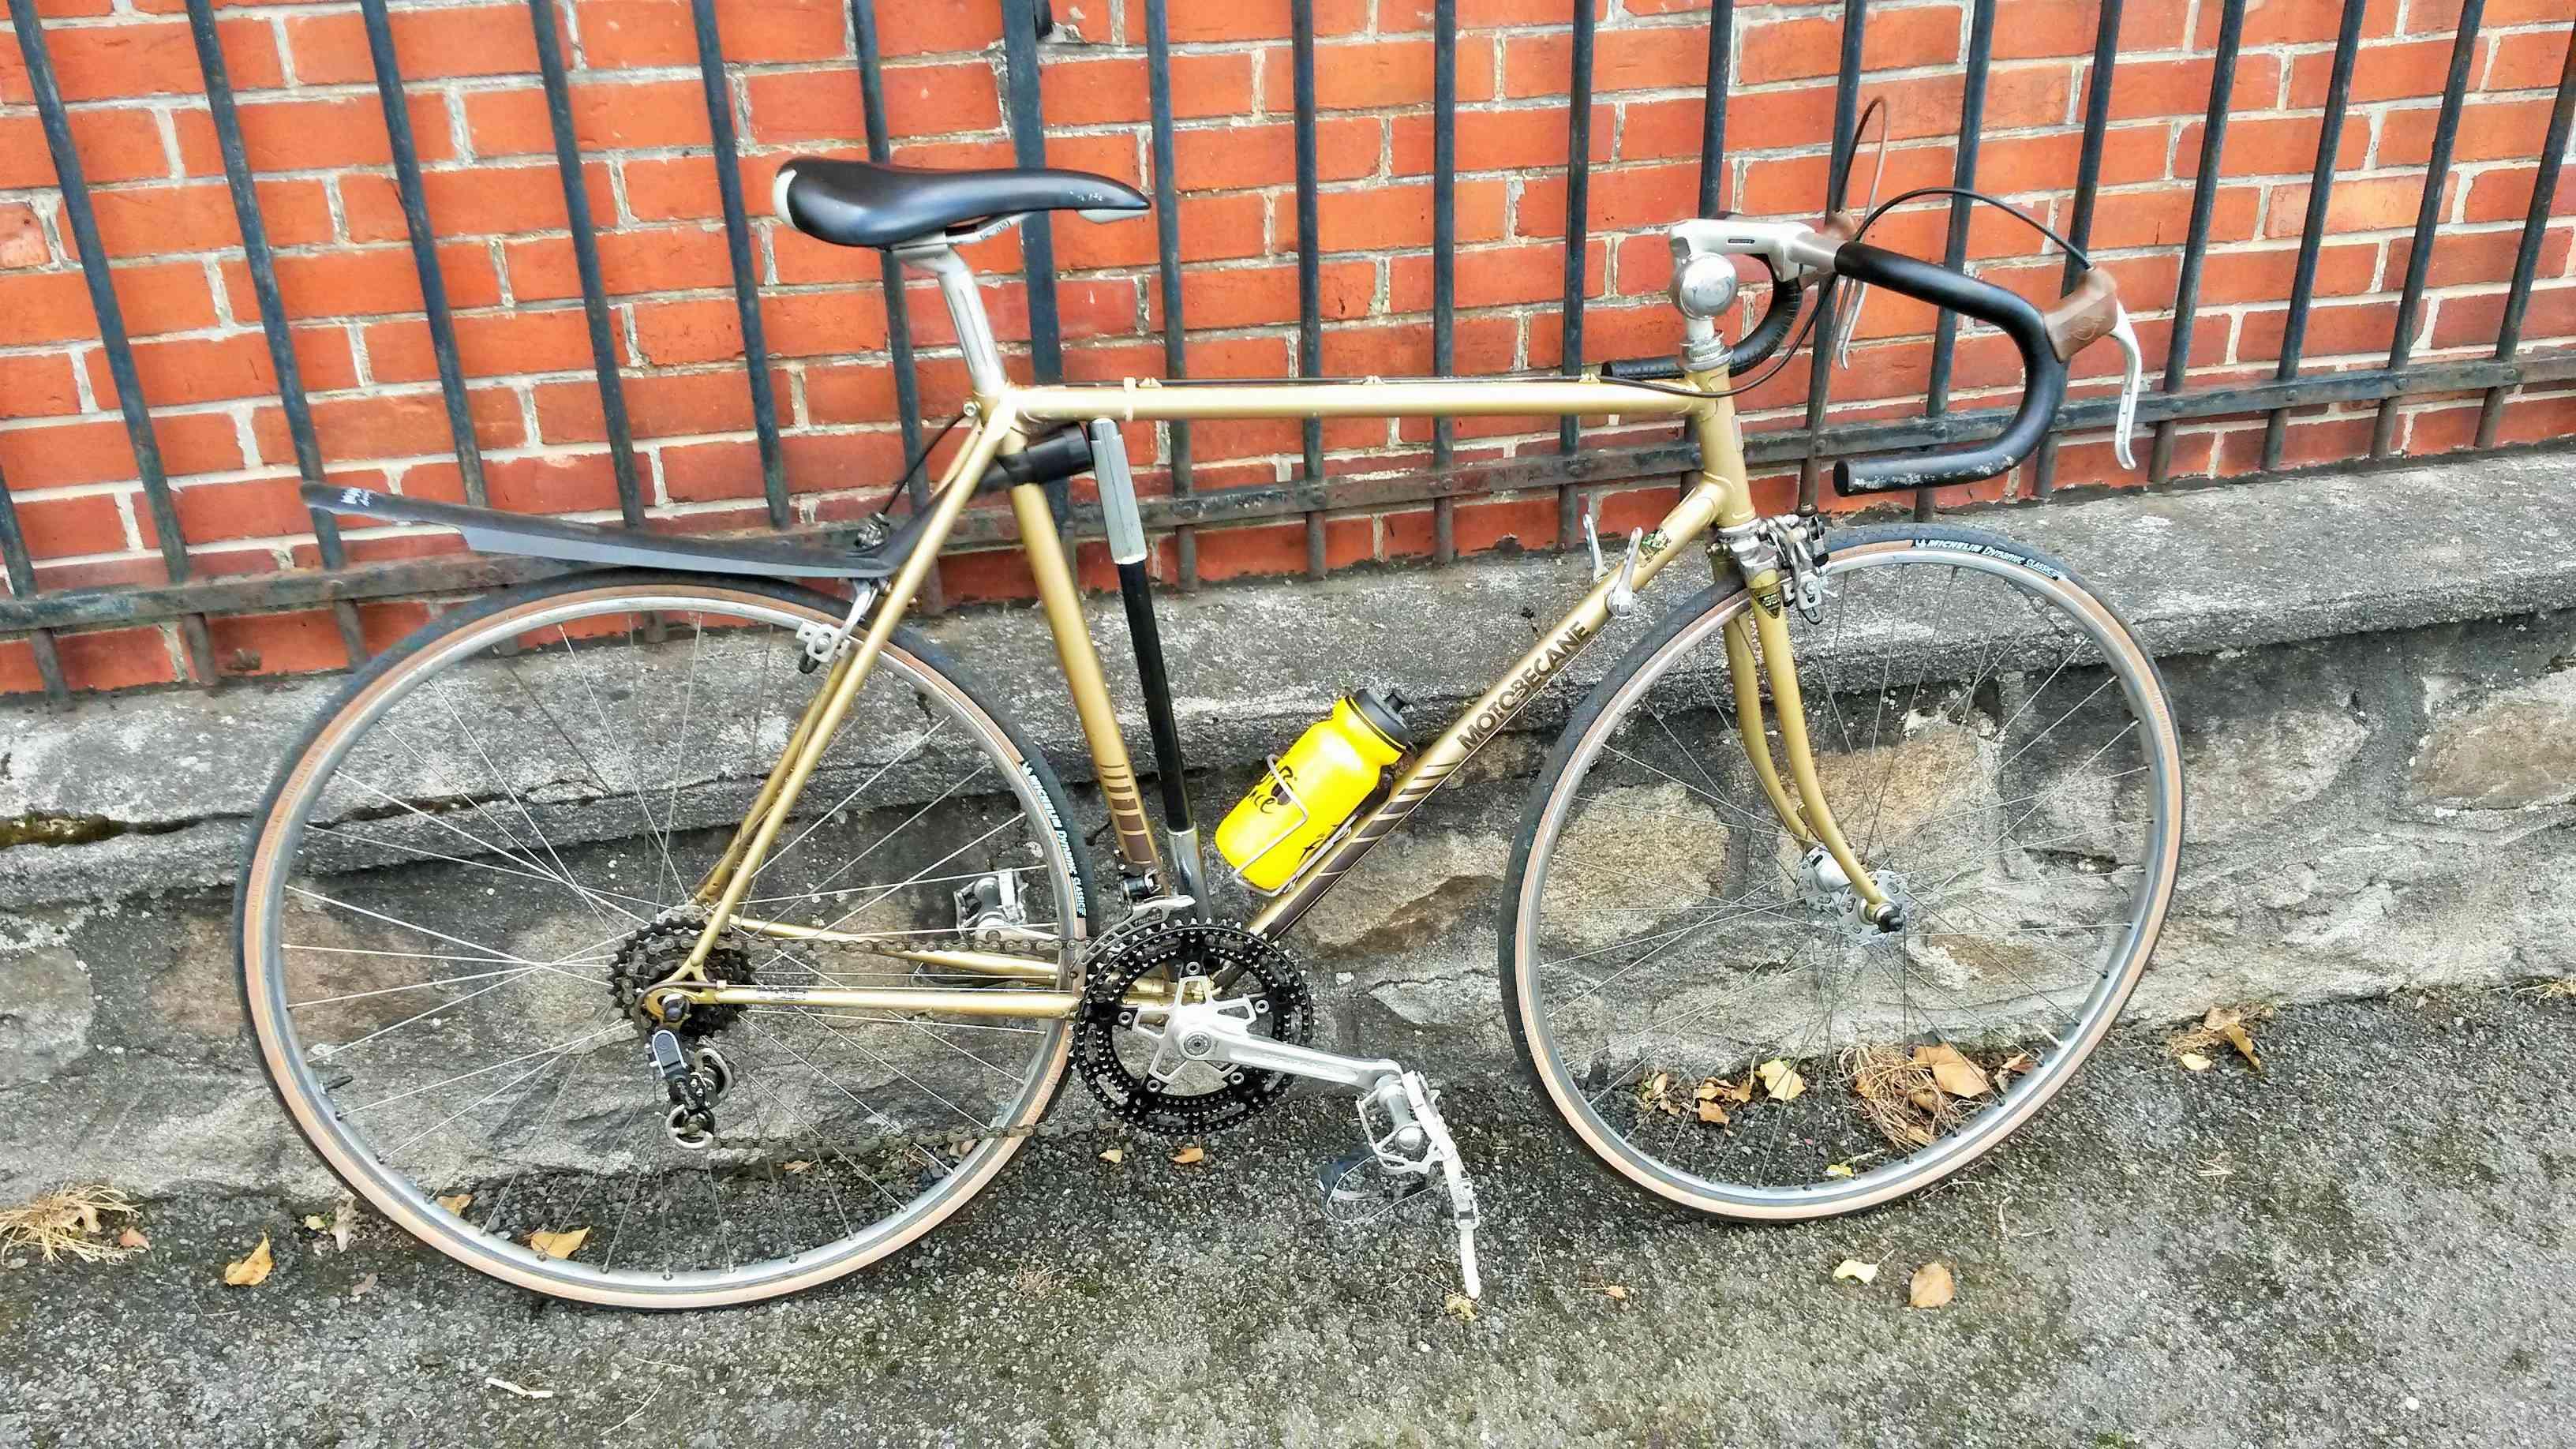 Motobécane C4 11 tubes Reynolds 531, champagne février 1978  00618